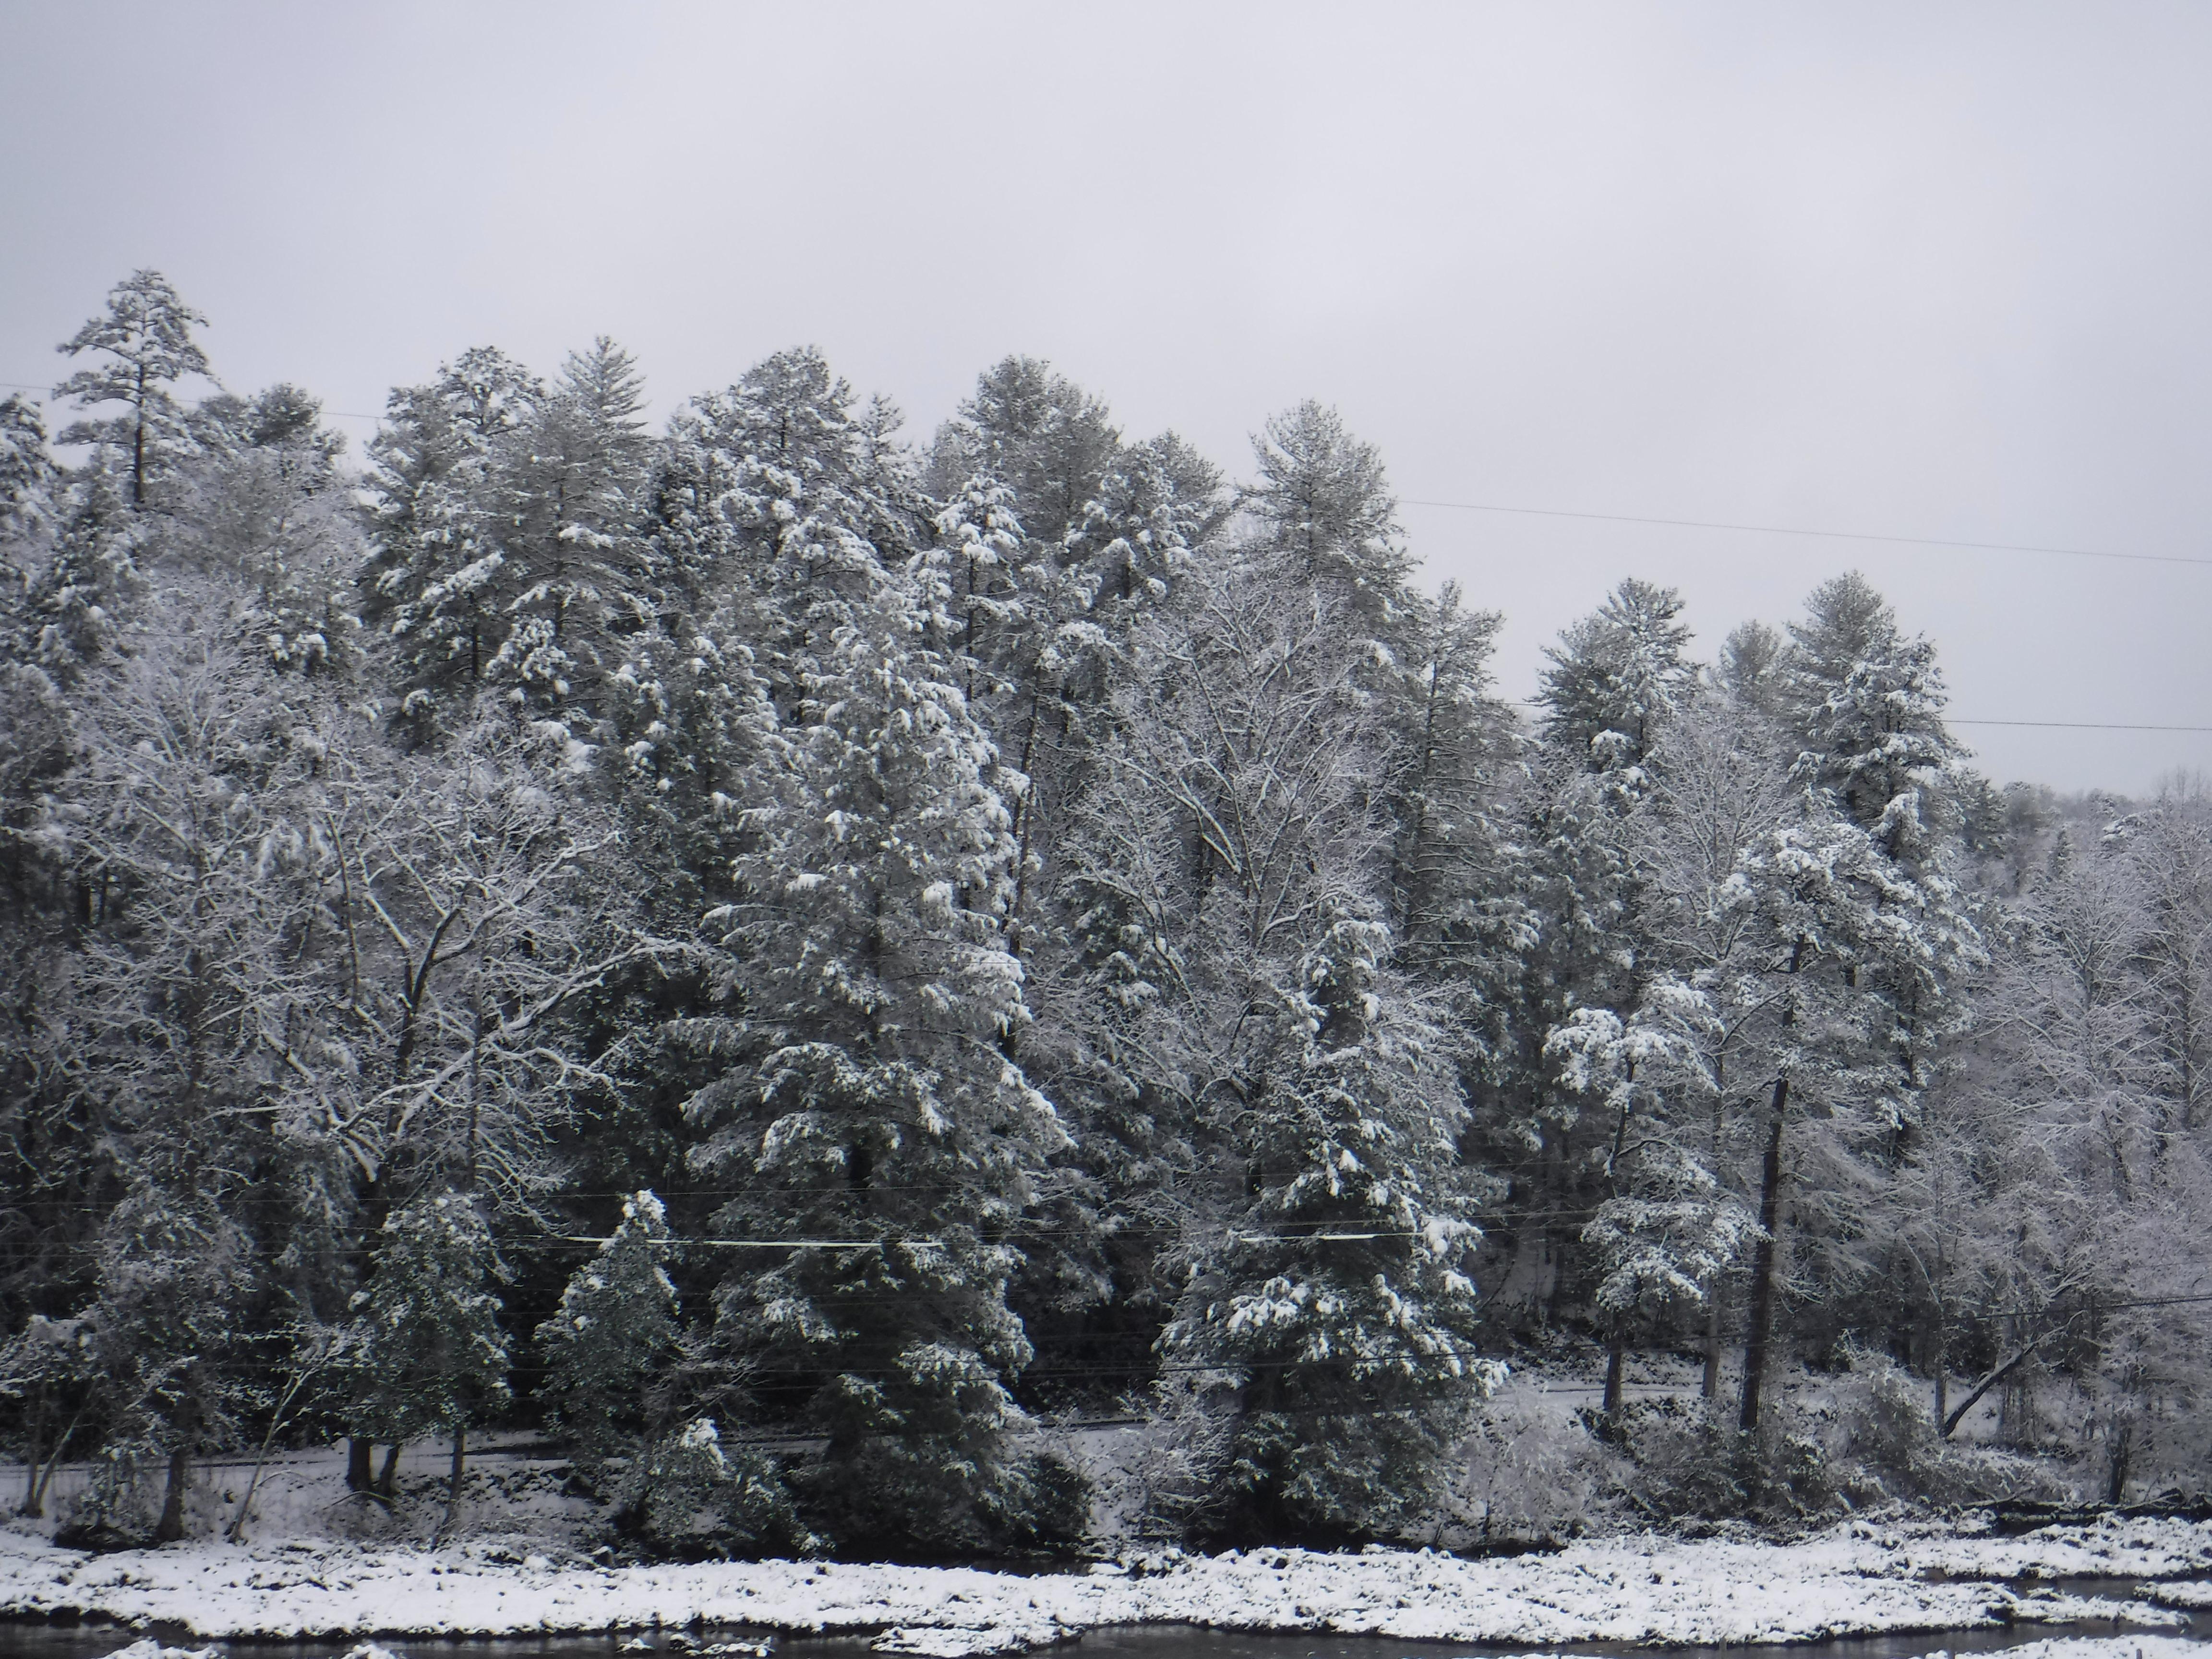 2020-02-08 Snow-4 Tree